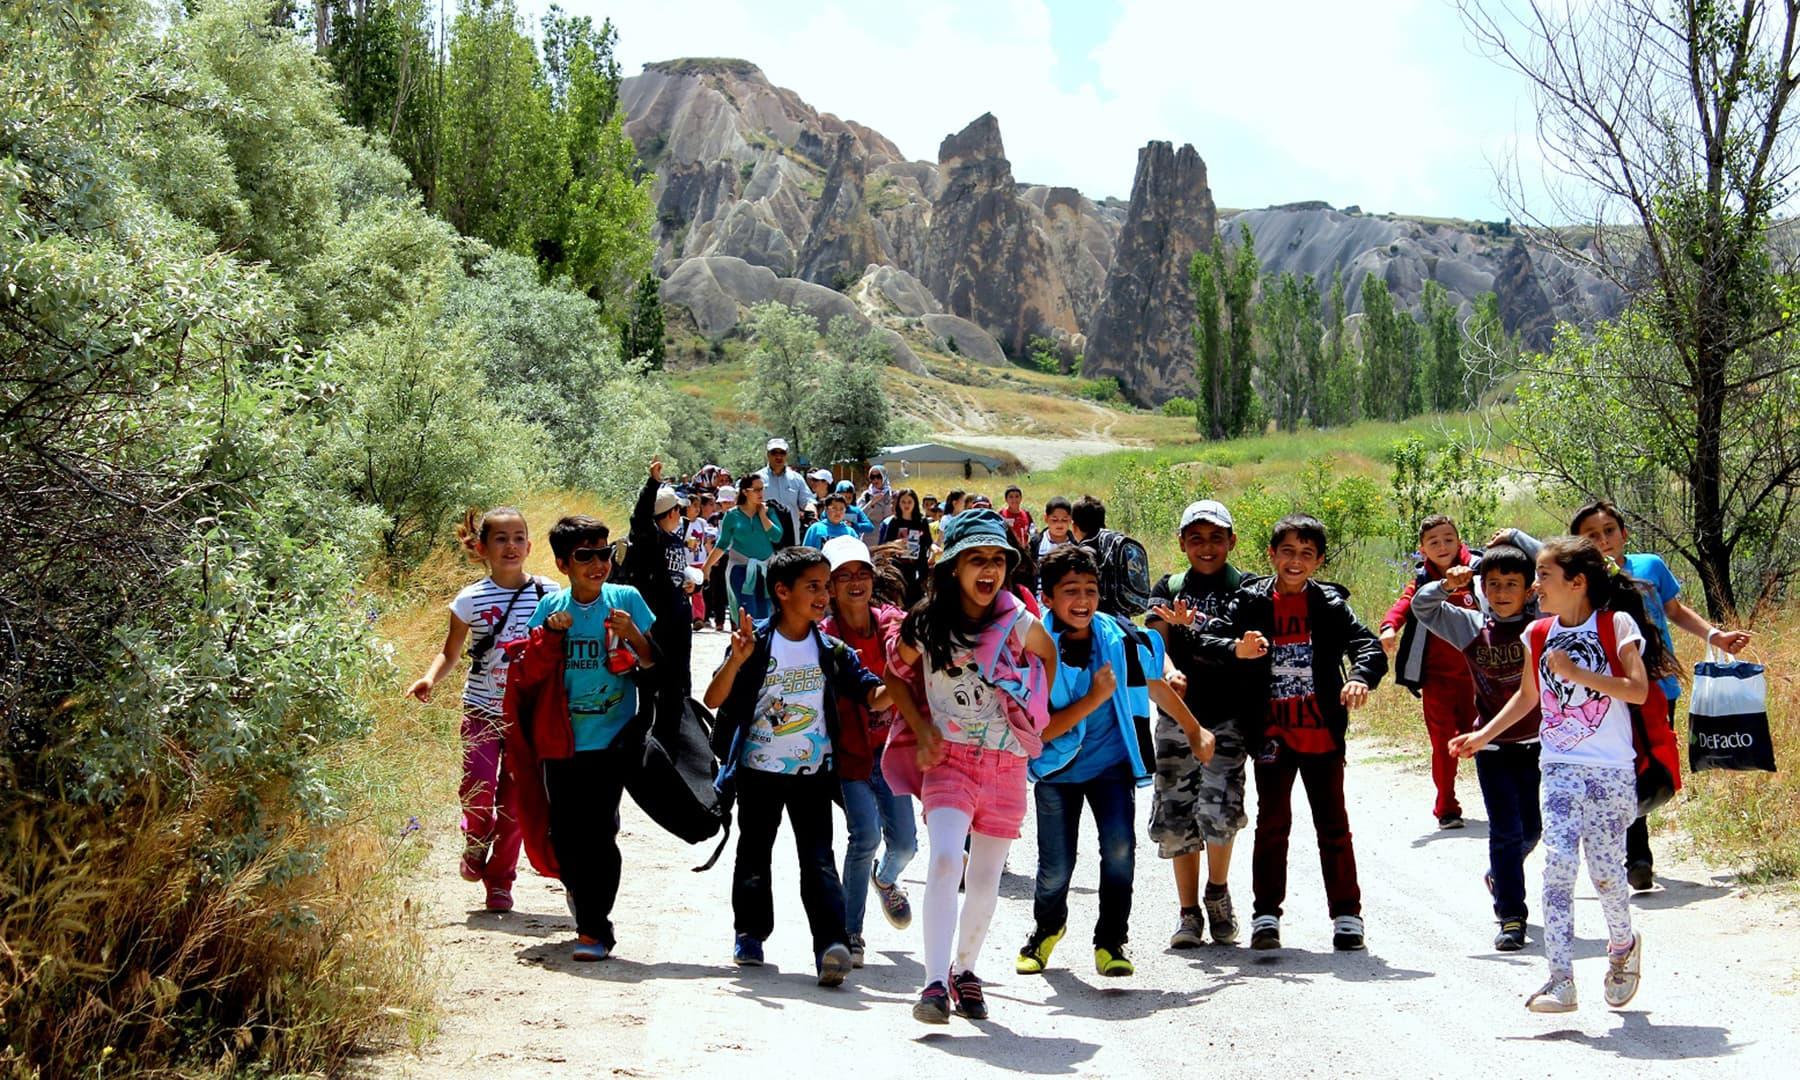 School children at Rose Valley.